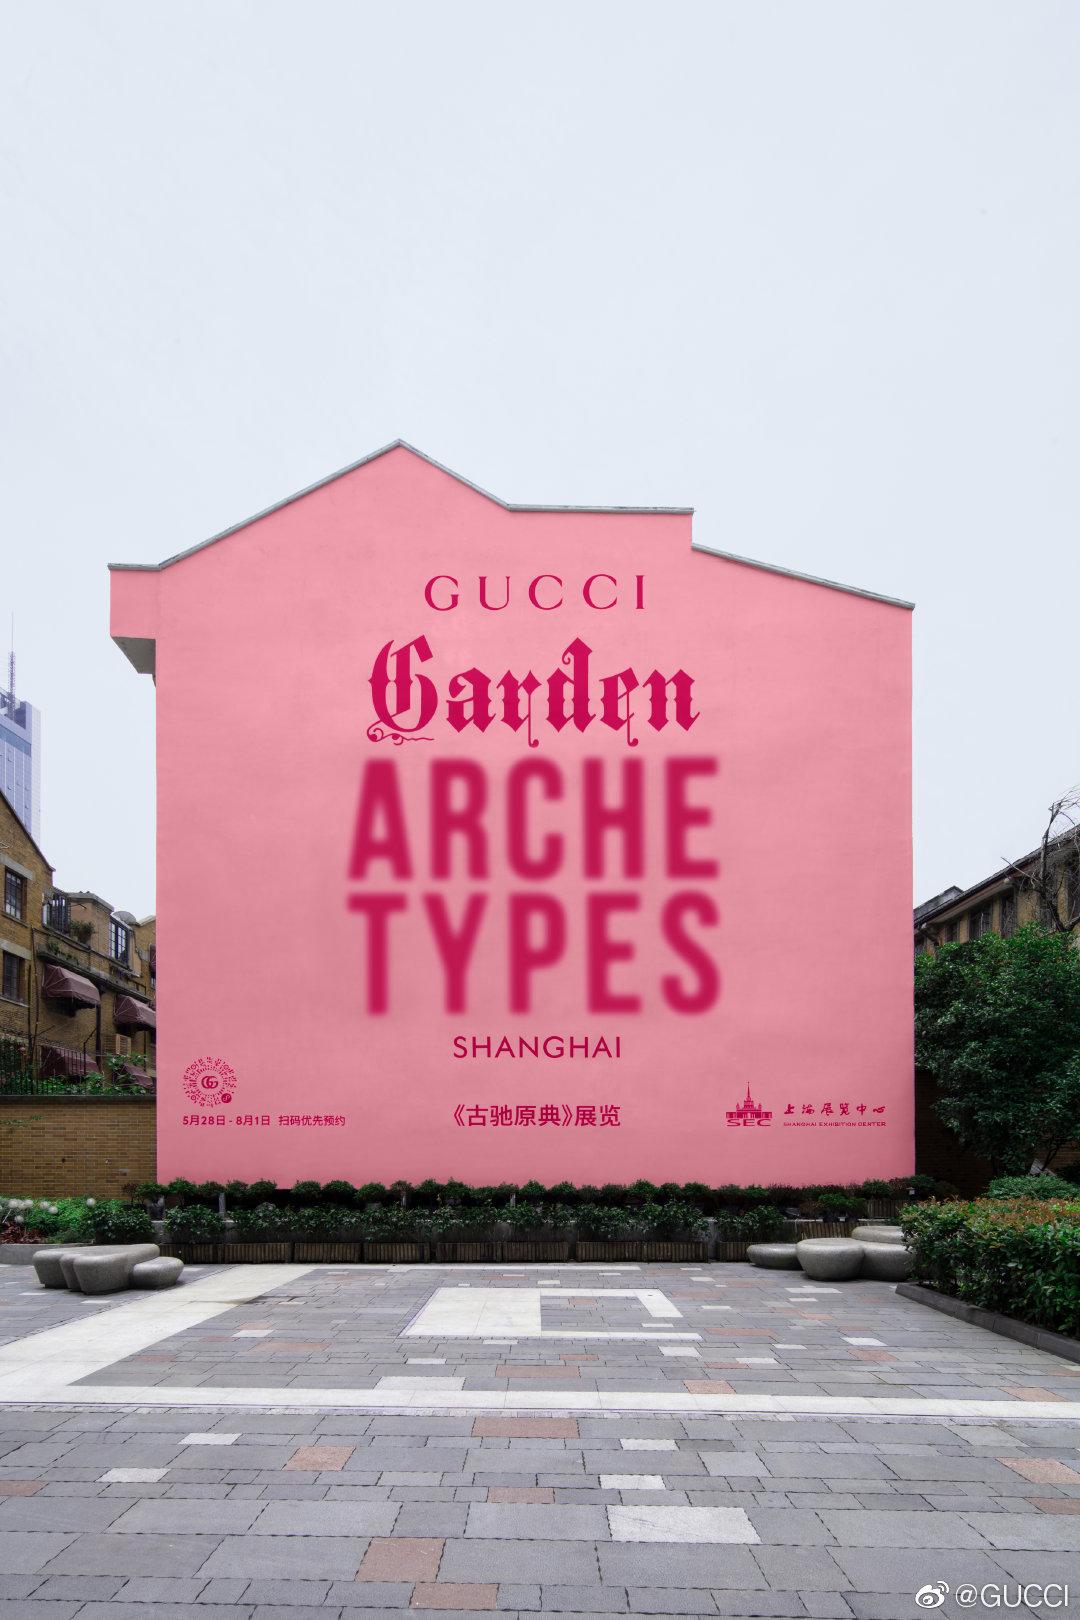 摩登4首页市场规模巨大,营商环境开放:越来越多高端美妆和潮流新品在上海首发